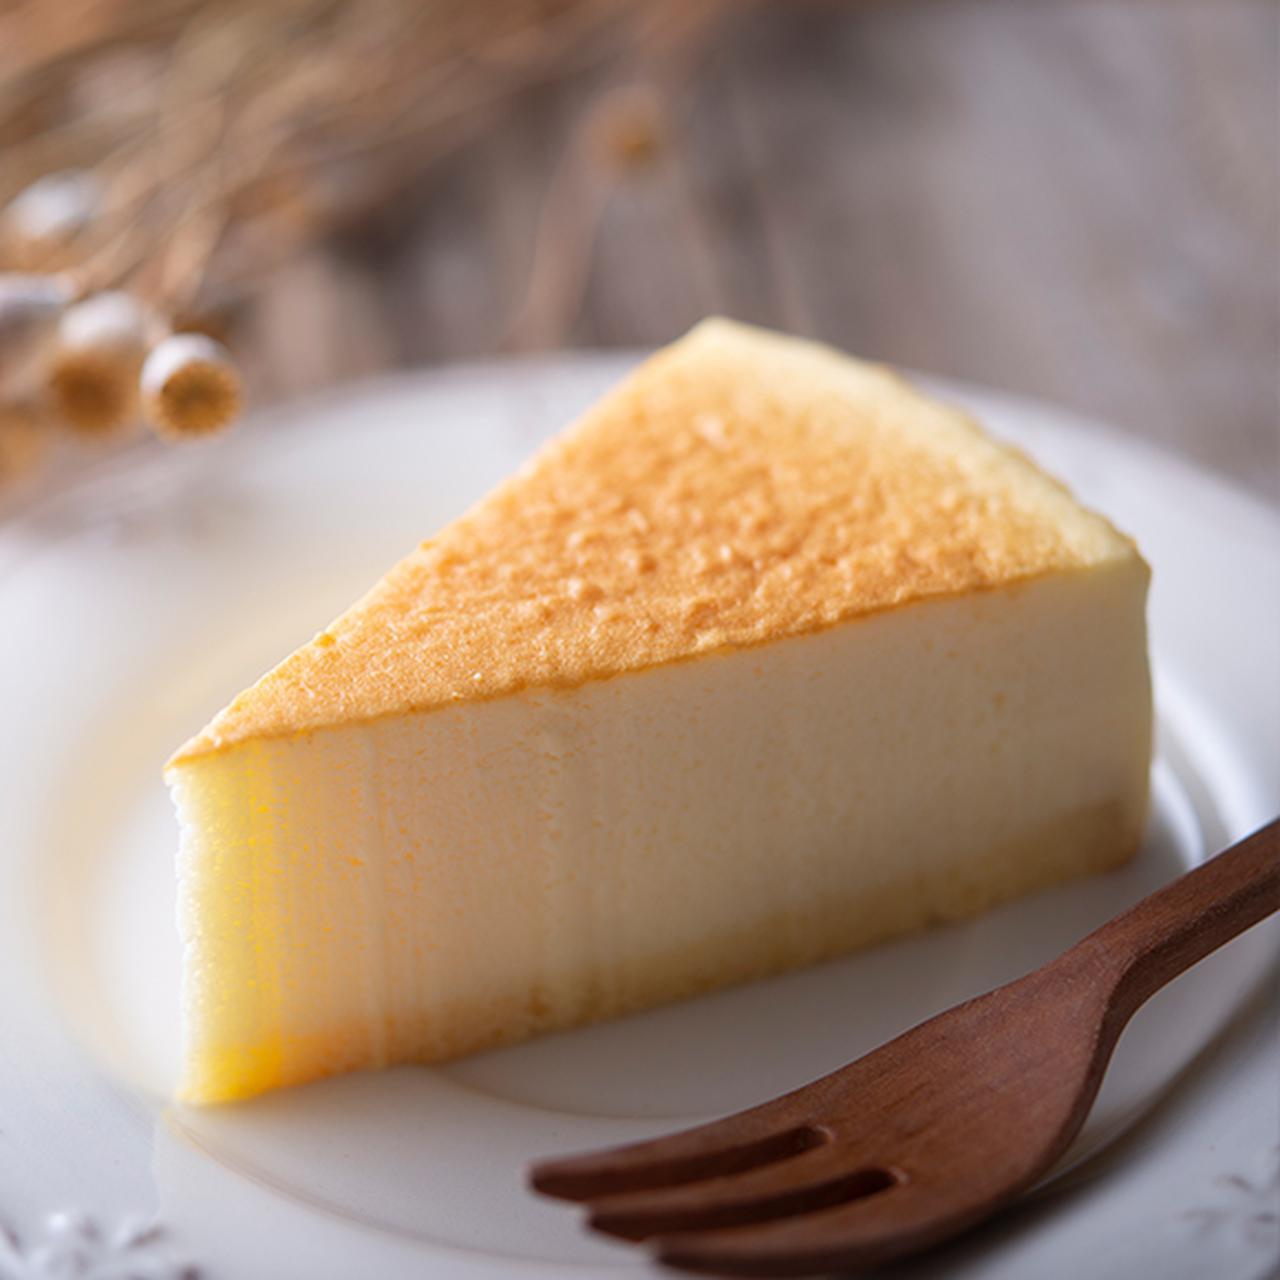 画像: 糖質72%カットのスフレチーズケーキ 価格 270円 (税込) 1個当たりのエネルギー162kcal、糖質5.3g(エリスリトール、マルチトールを除く) www.chateraise.co.jp